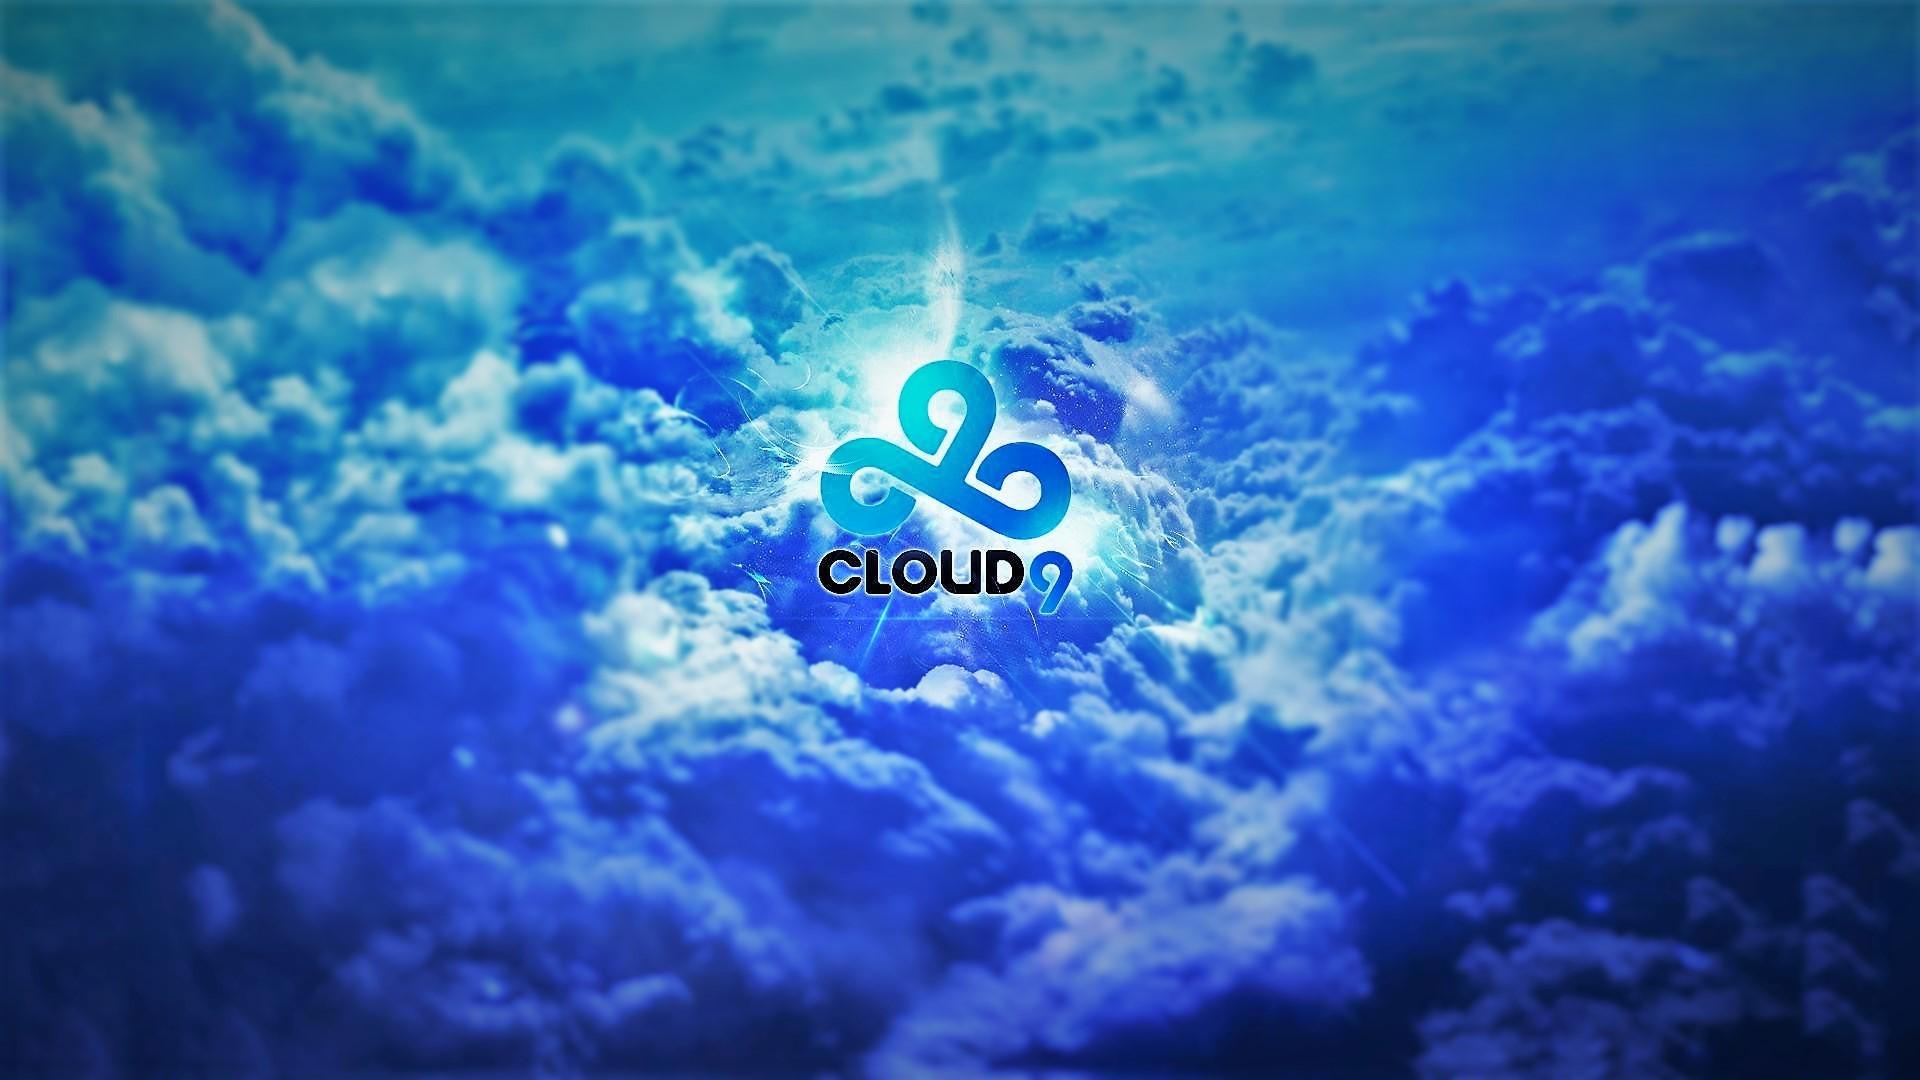 Assassins Creed Black Flag Wallpaper Cloud 9 CS:GO Game Wallpaper